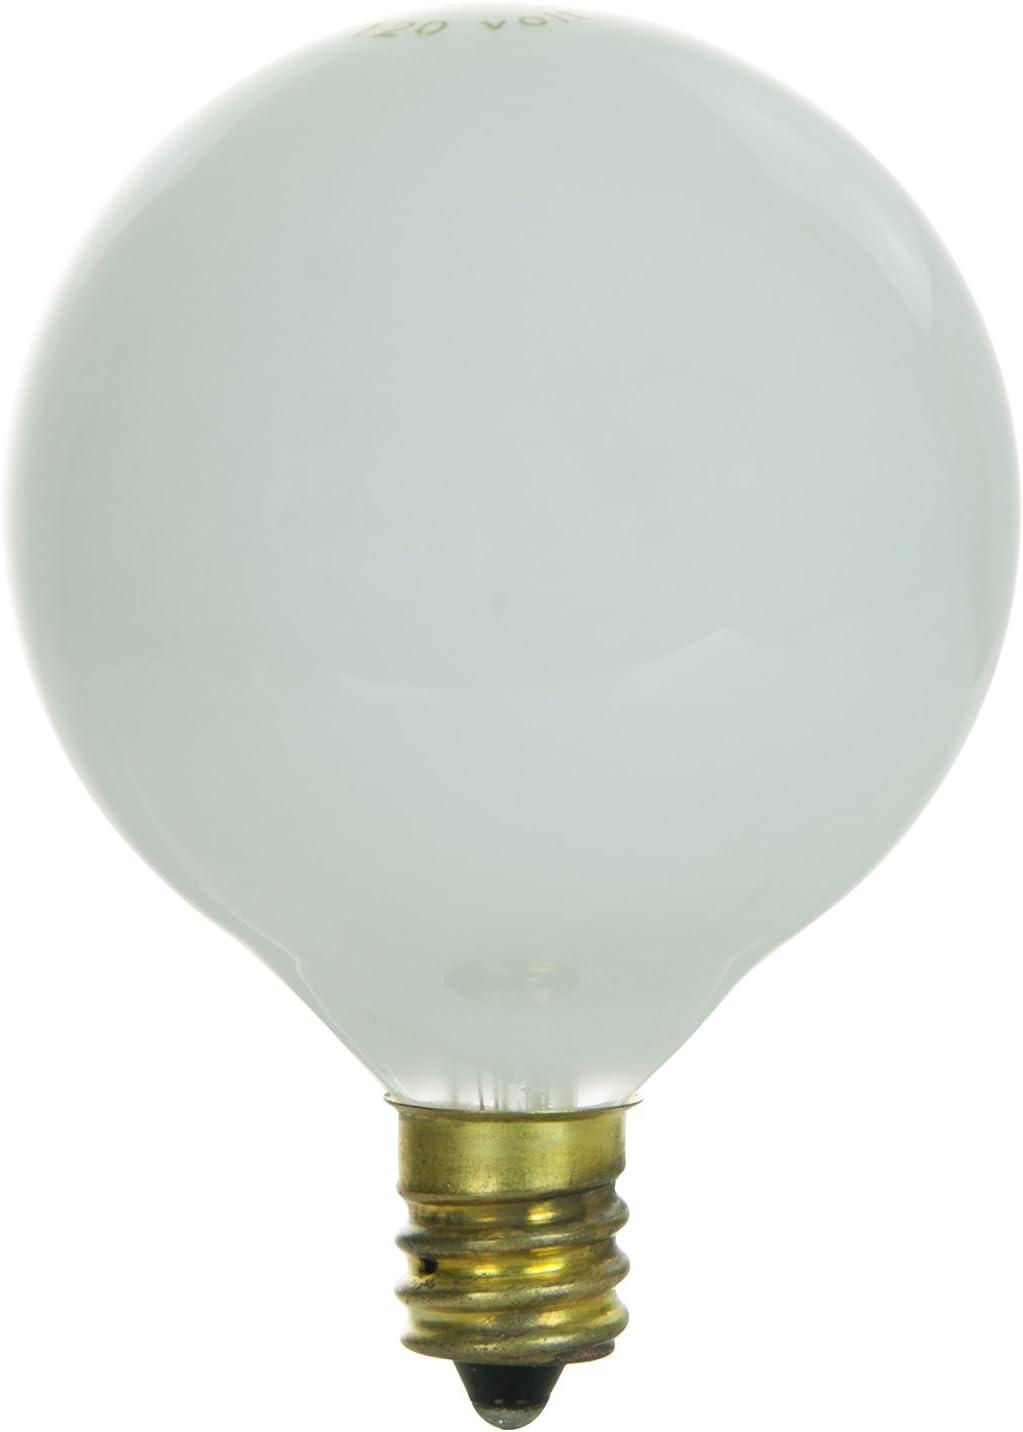 Sunlite 25G16.5//WH//3 Incandescent 25-Watt White G16.5 Globe Bulb Candelabra Based